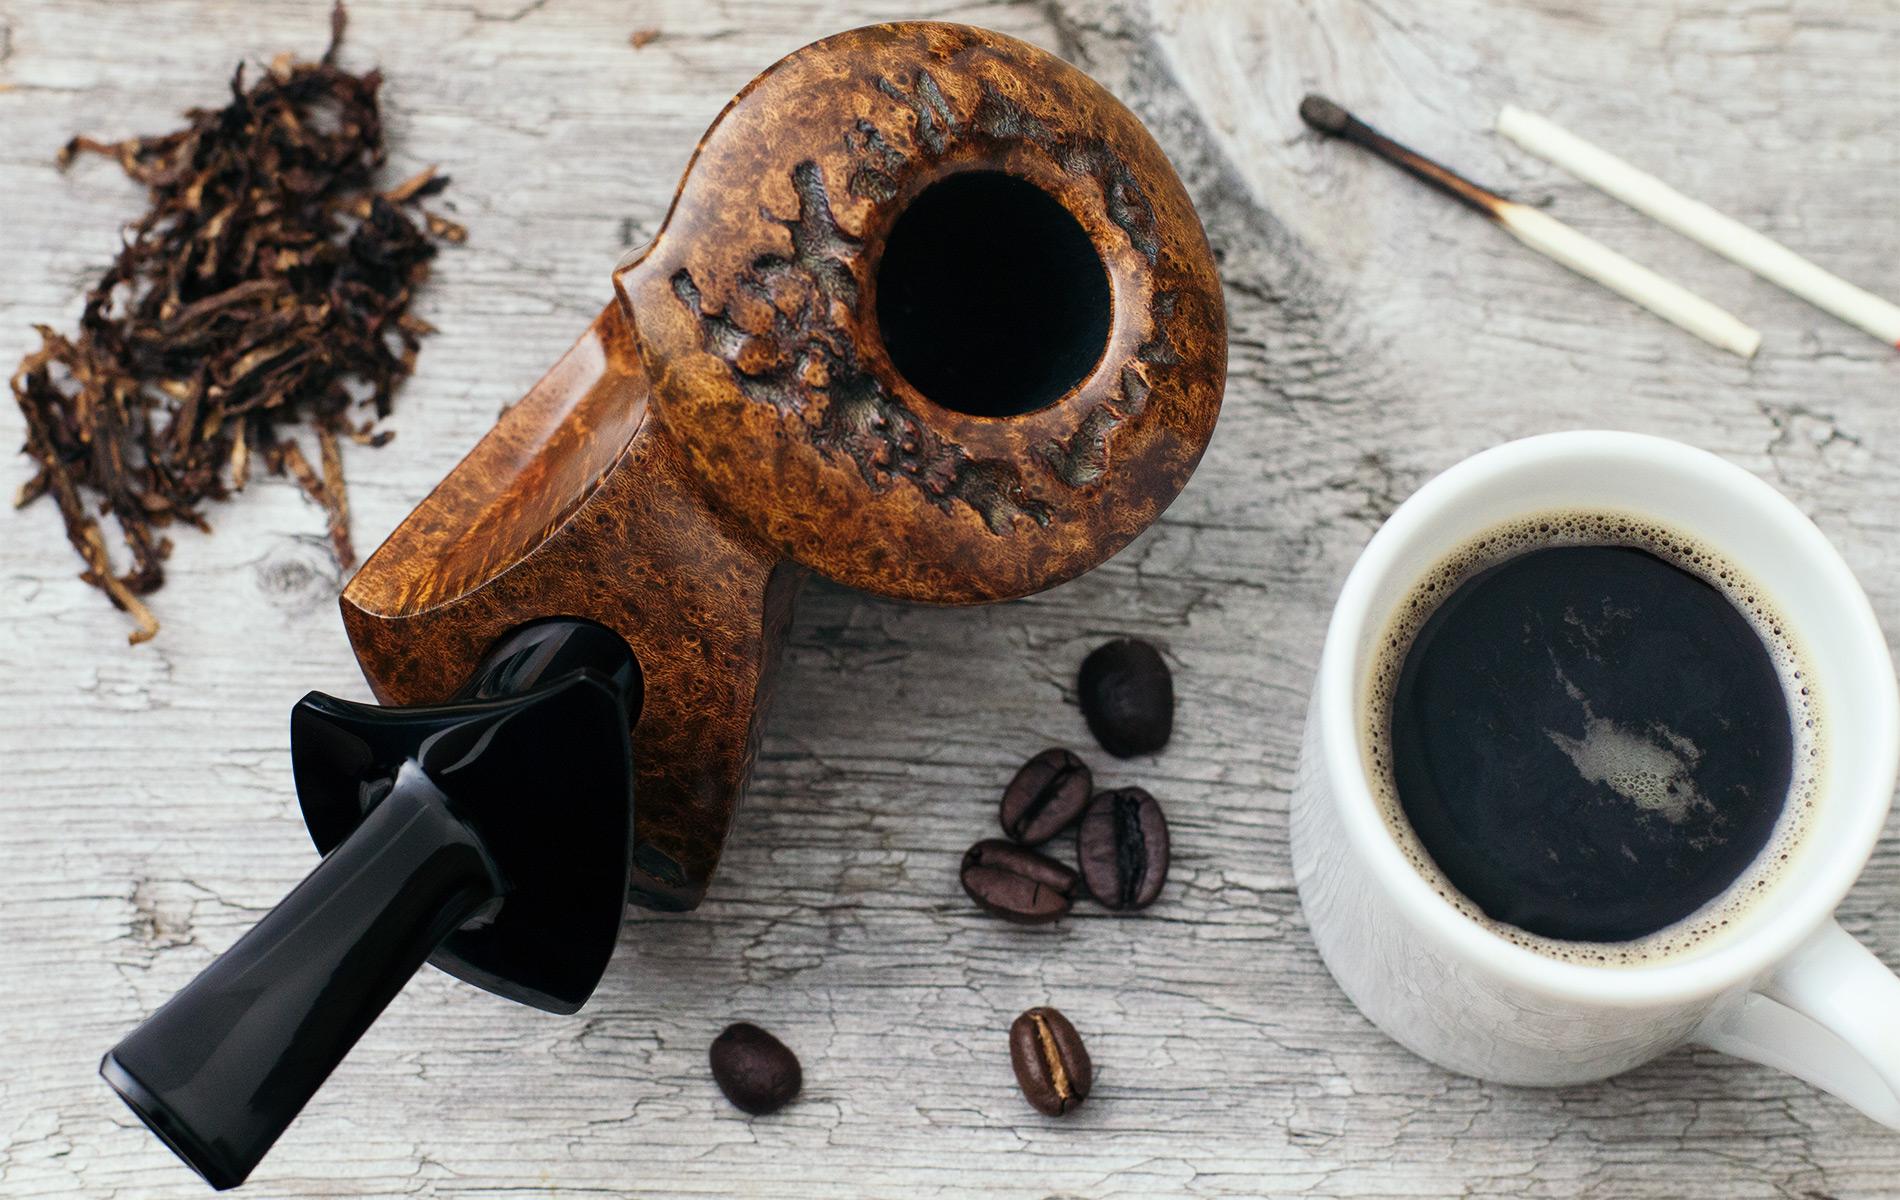 pipe smoking snail wallpaper - photo #29